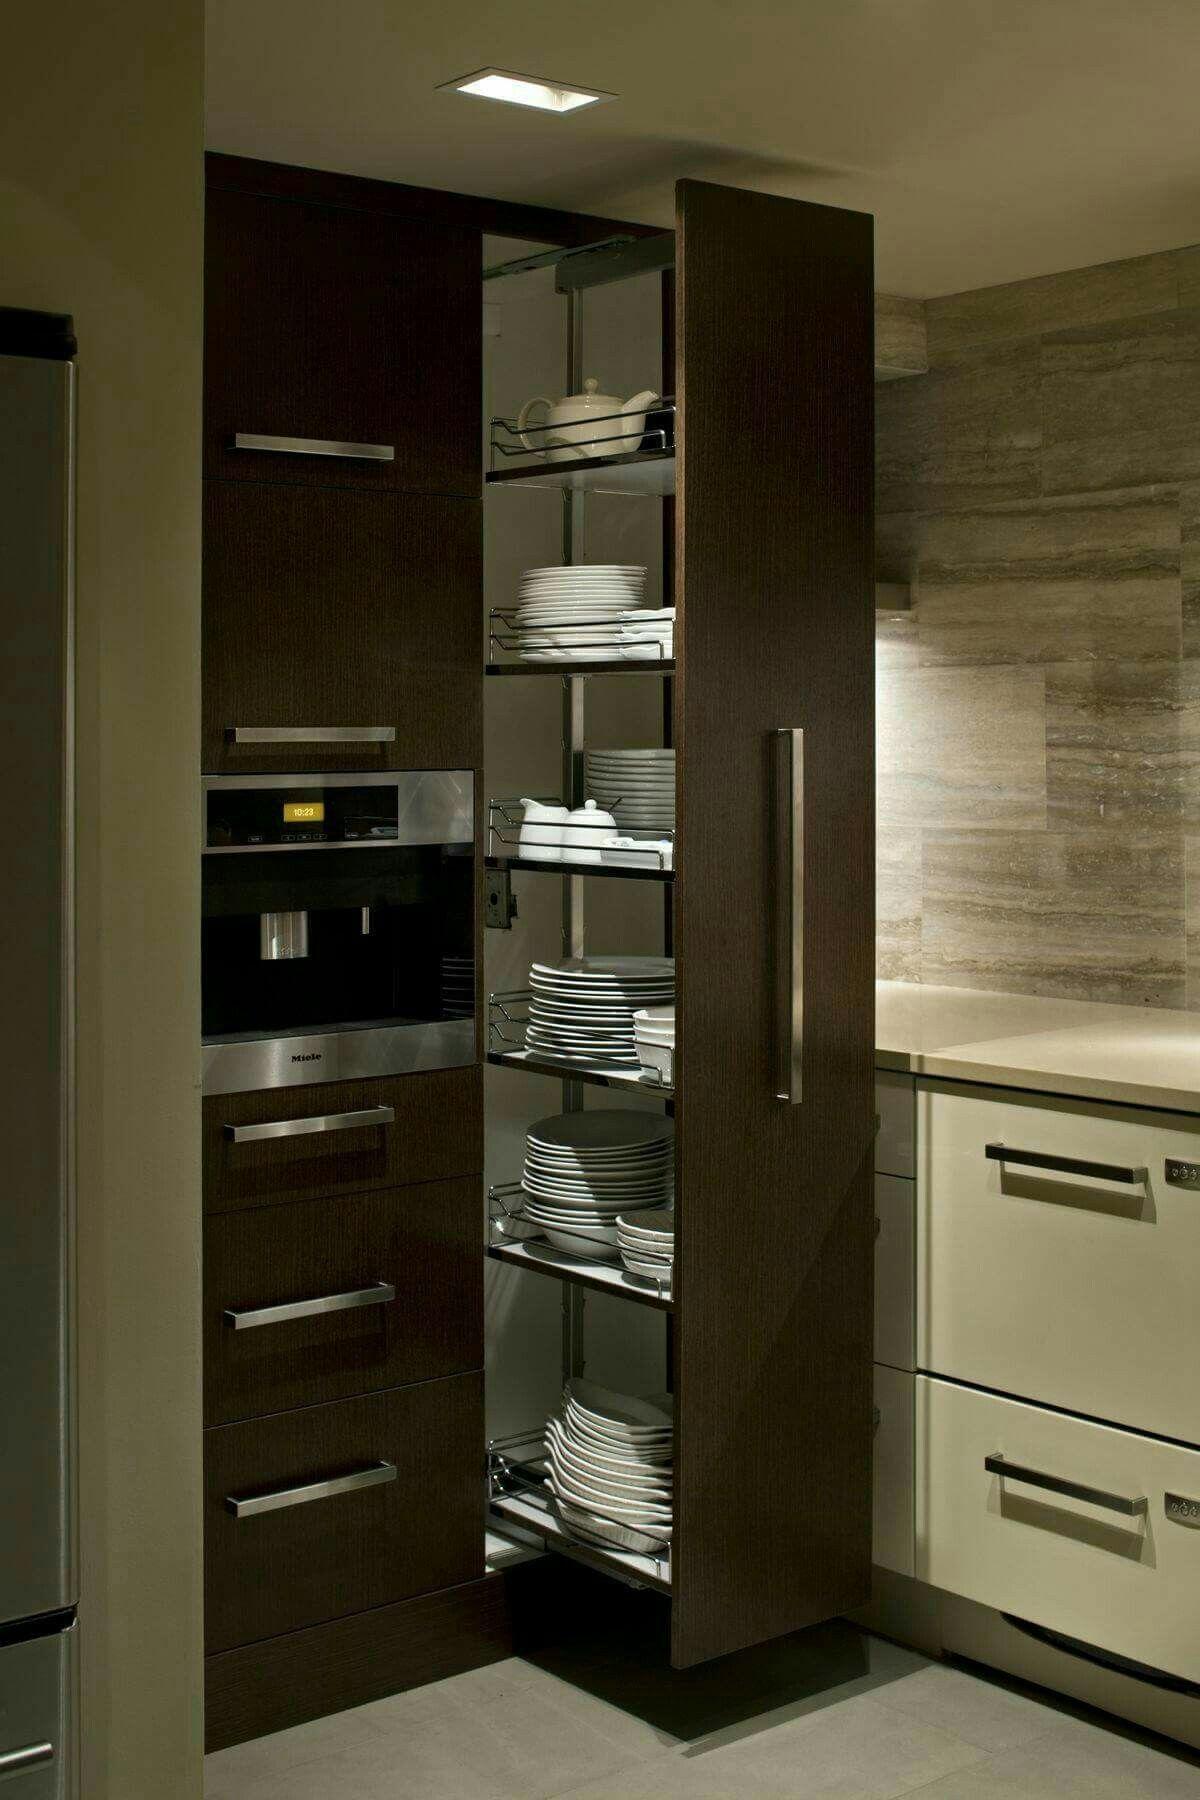 Kücheneinrichtung Ideen, Ideen Für Die Küche, Schrank Zimmer, Ordnung  Schaffen, Küchen Design, Neue Küche, Kleine Küche, Geschafft, Esszimmer